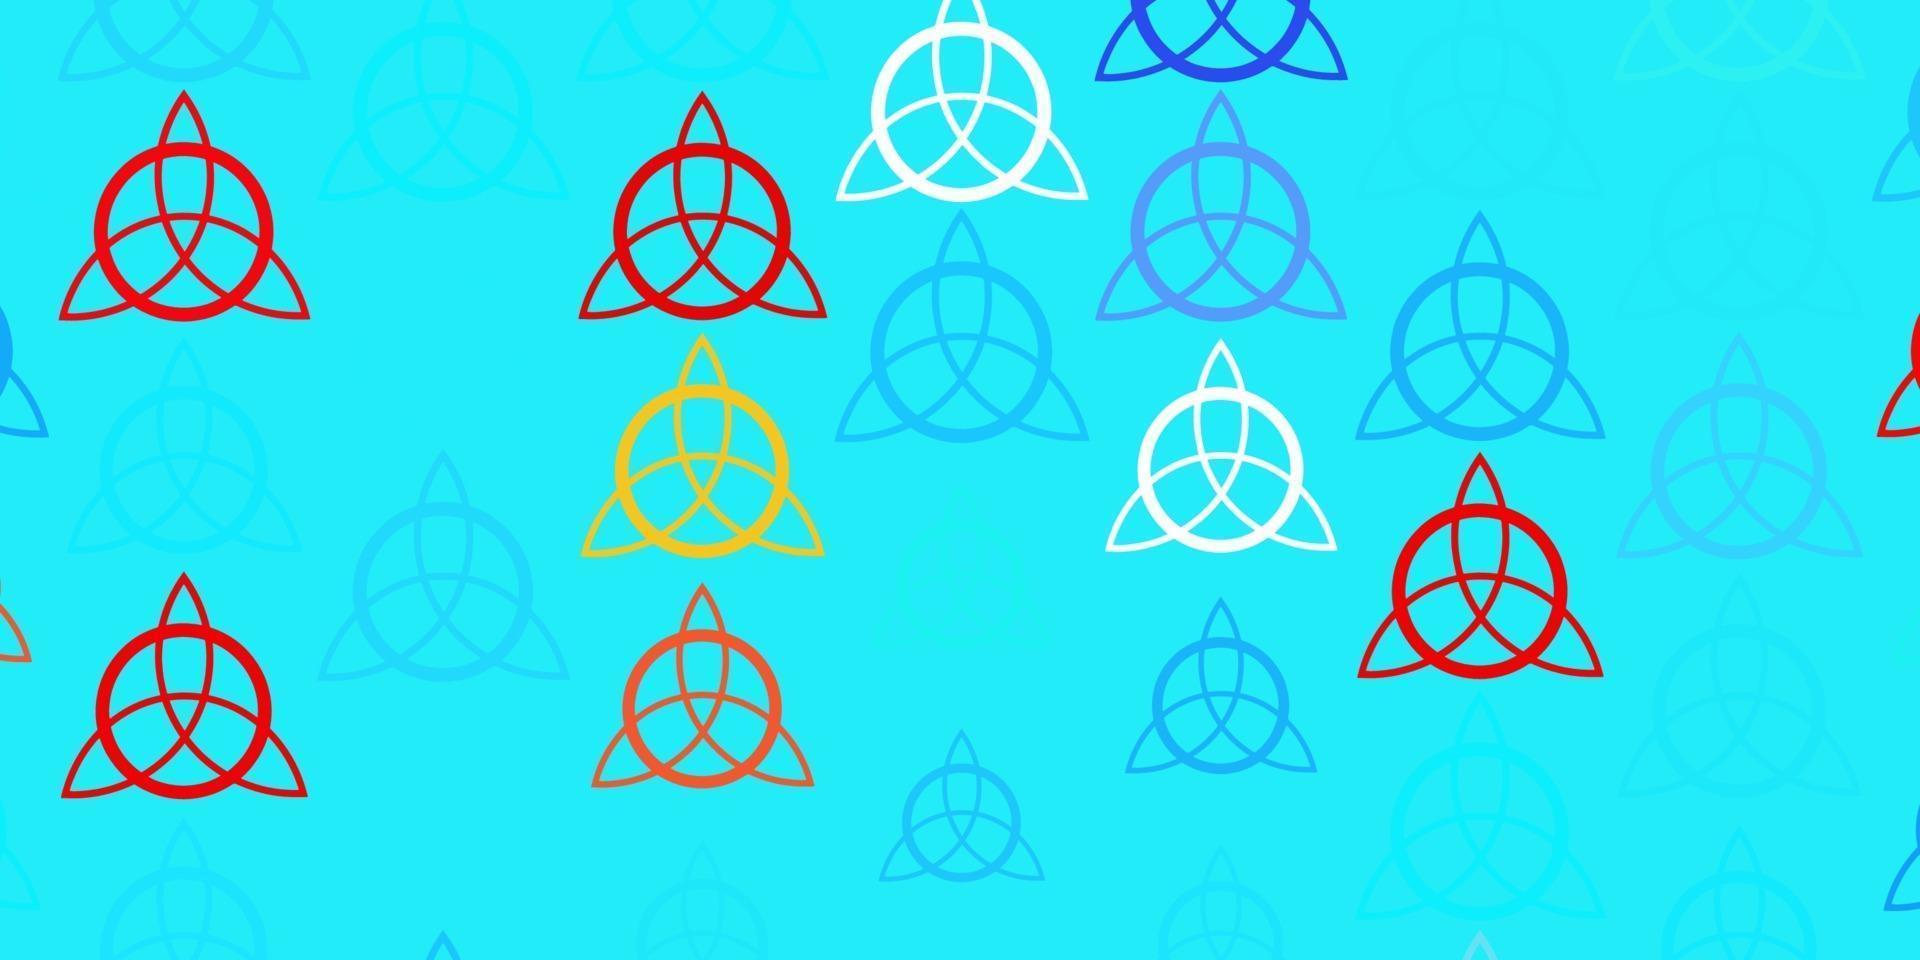 hellblauer, roter Vektorhintergrund mit okkulten Symbolen. vektor